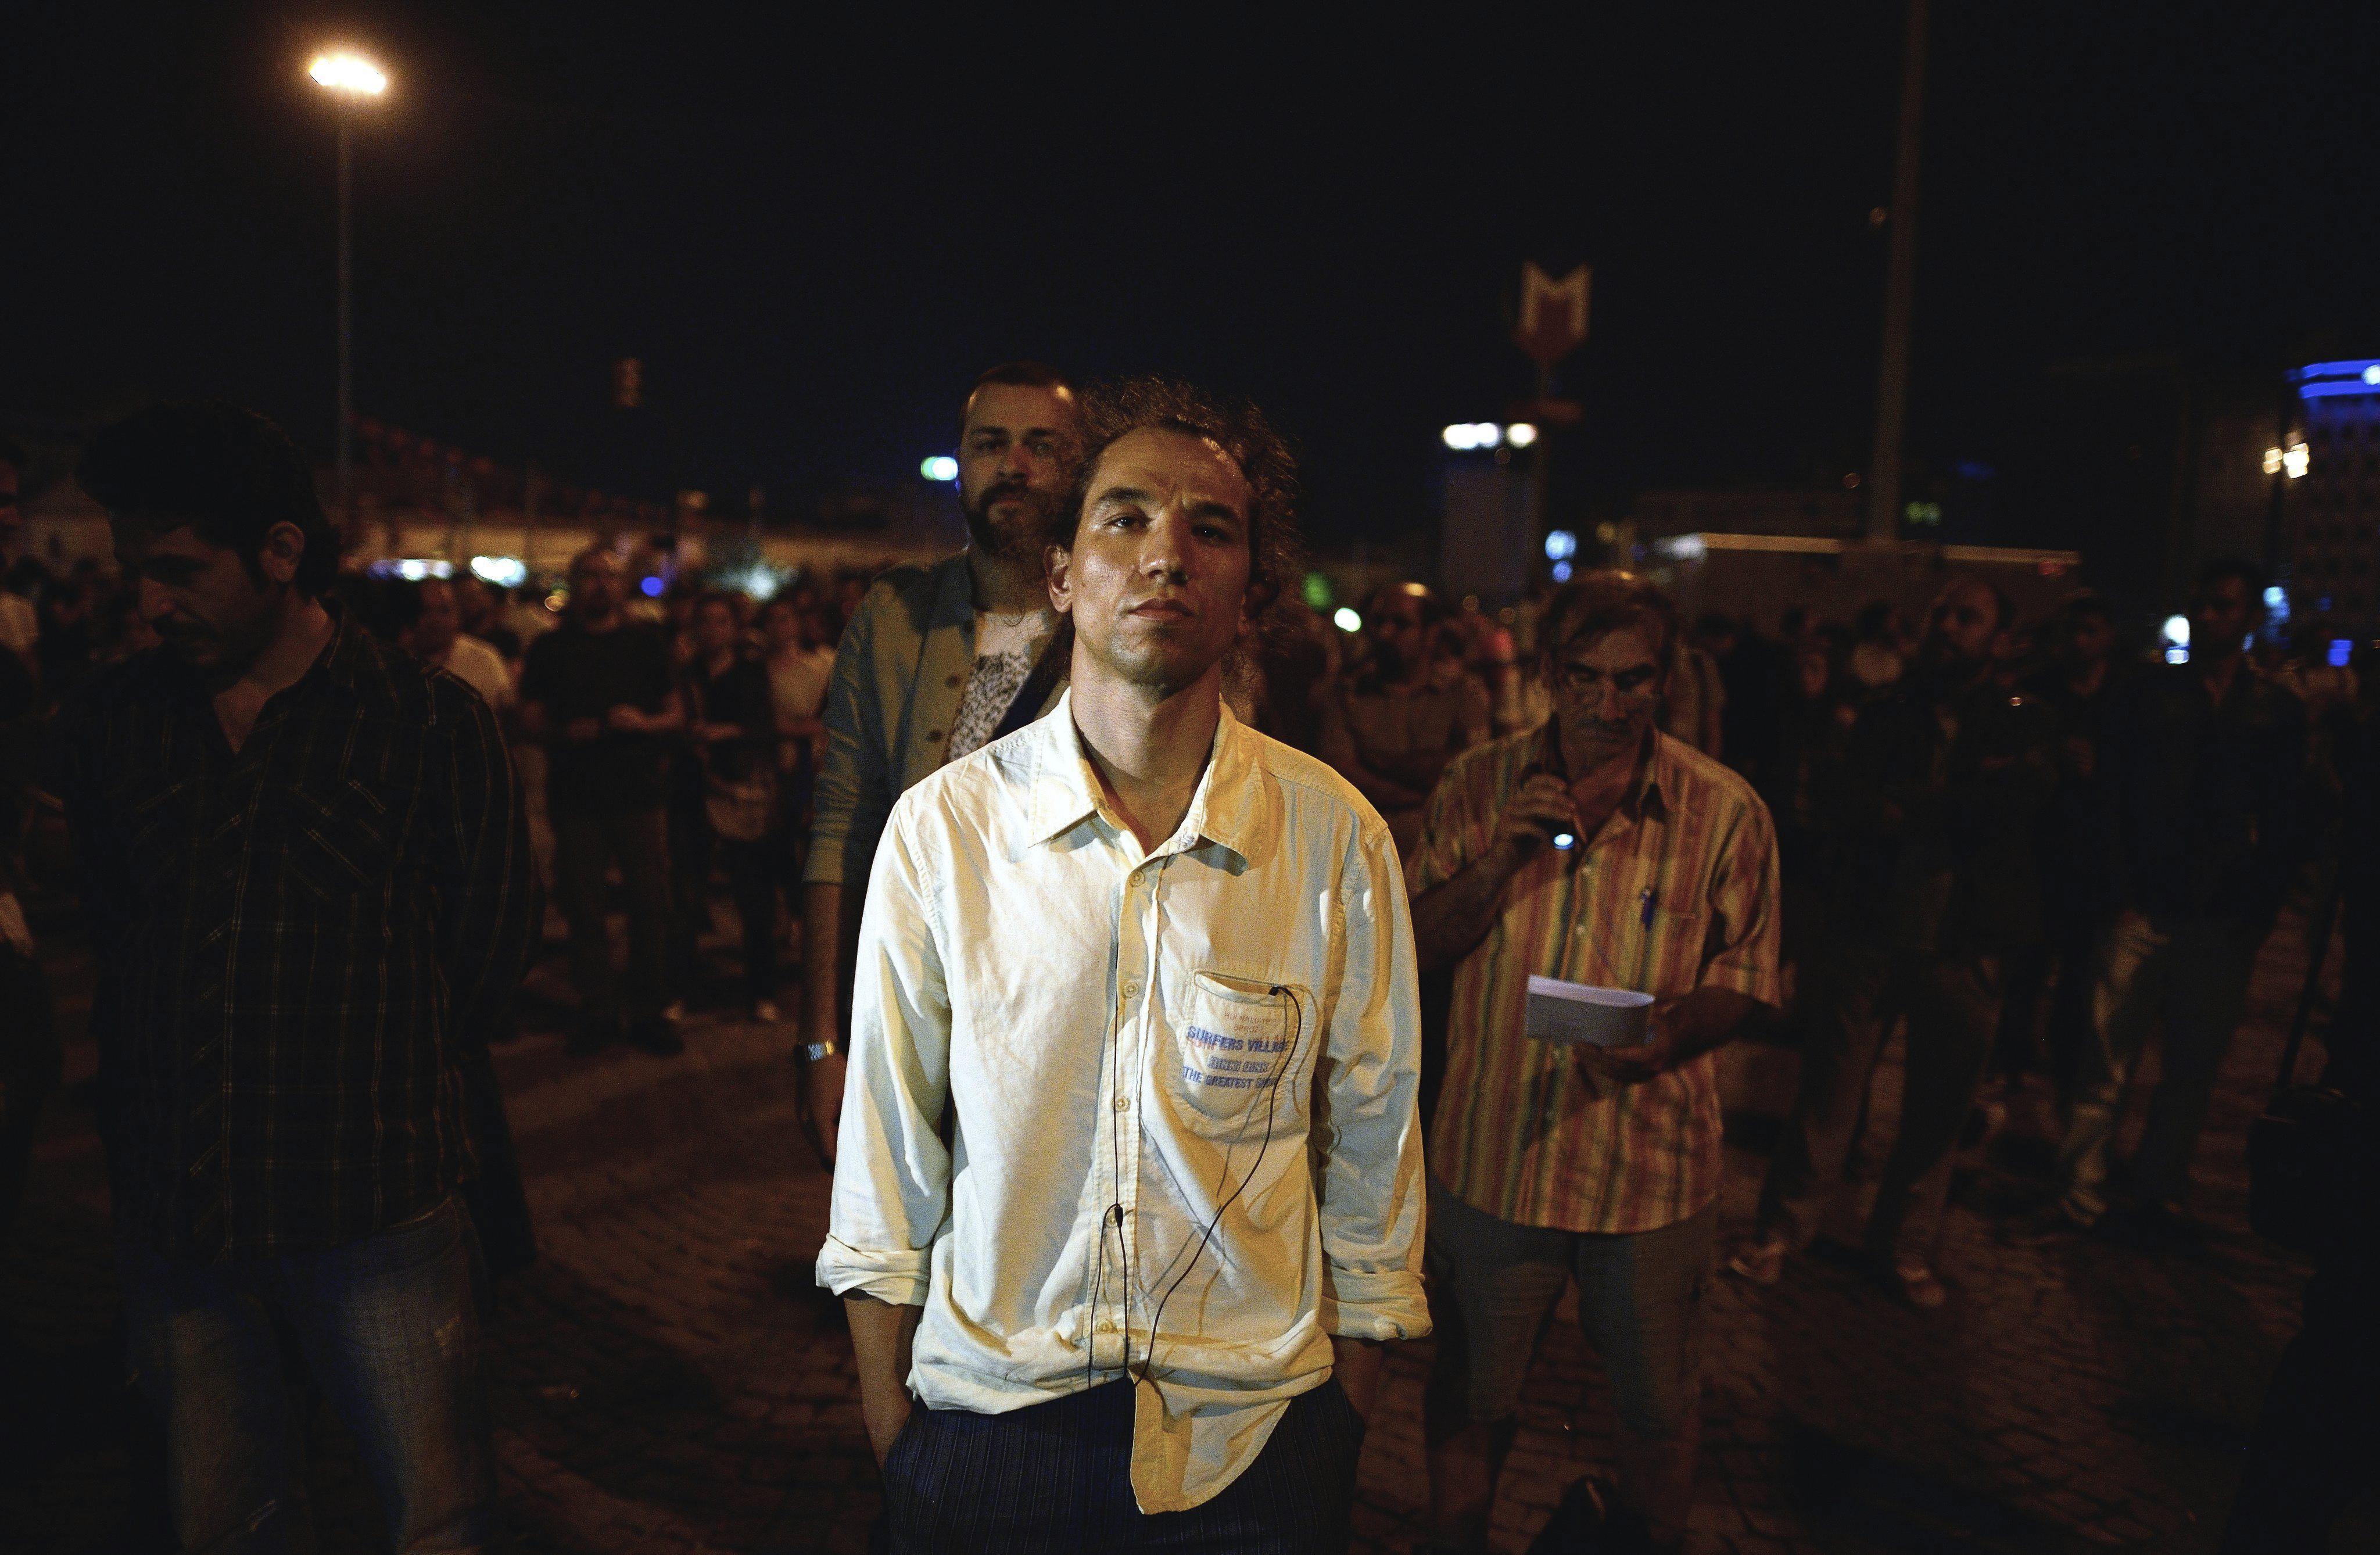 Numerosos detenidos en una operación de registros en Estambul